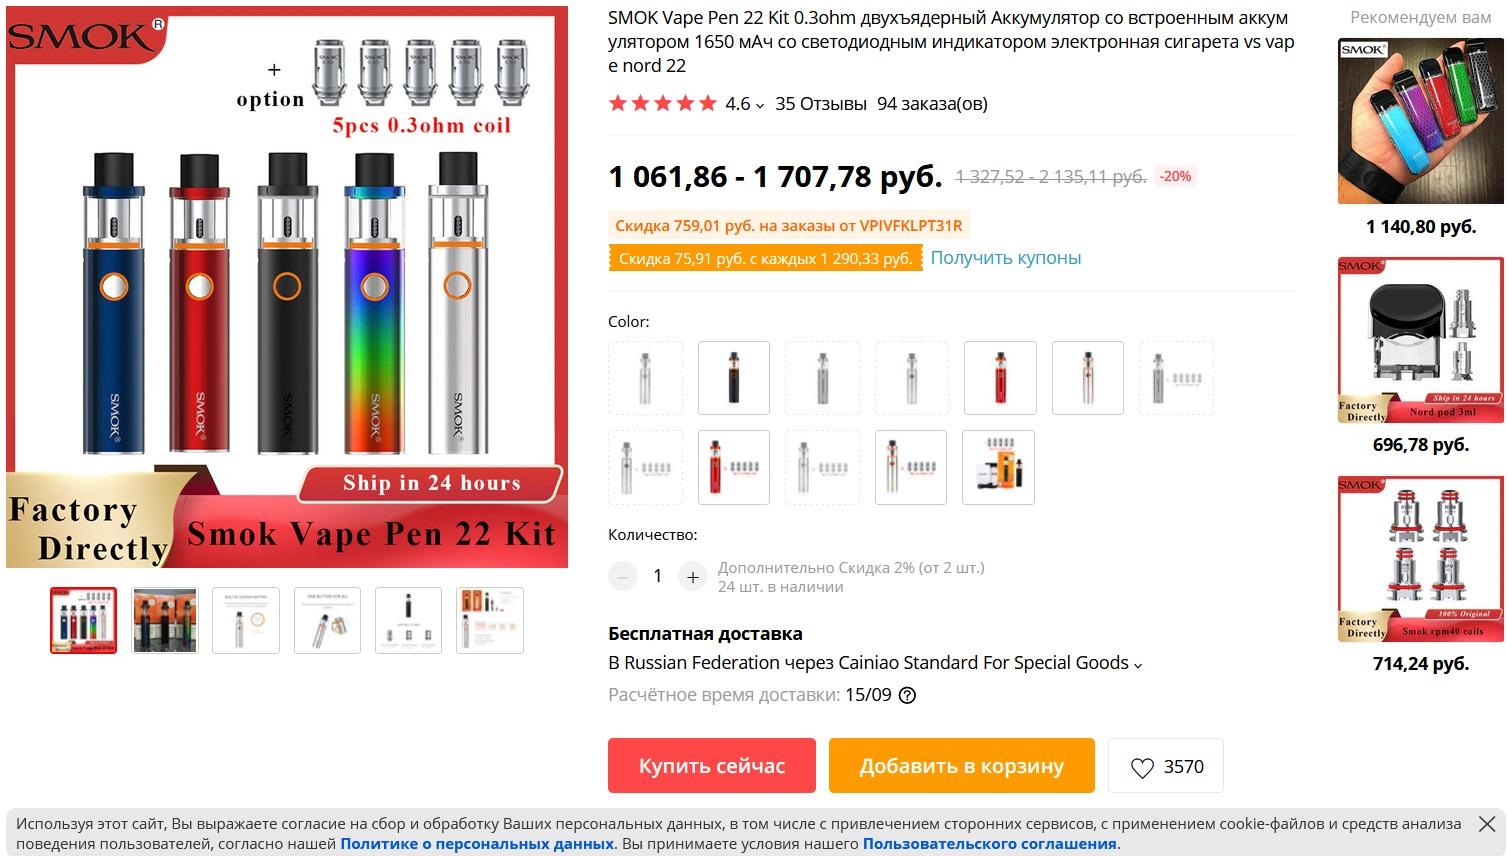 Вейп Smok Vape Pen 22 Kit